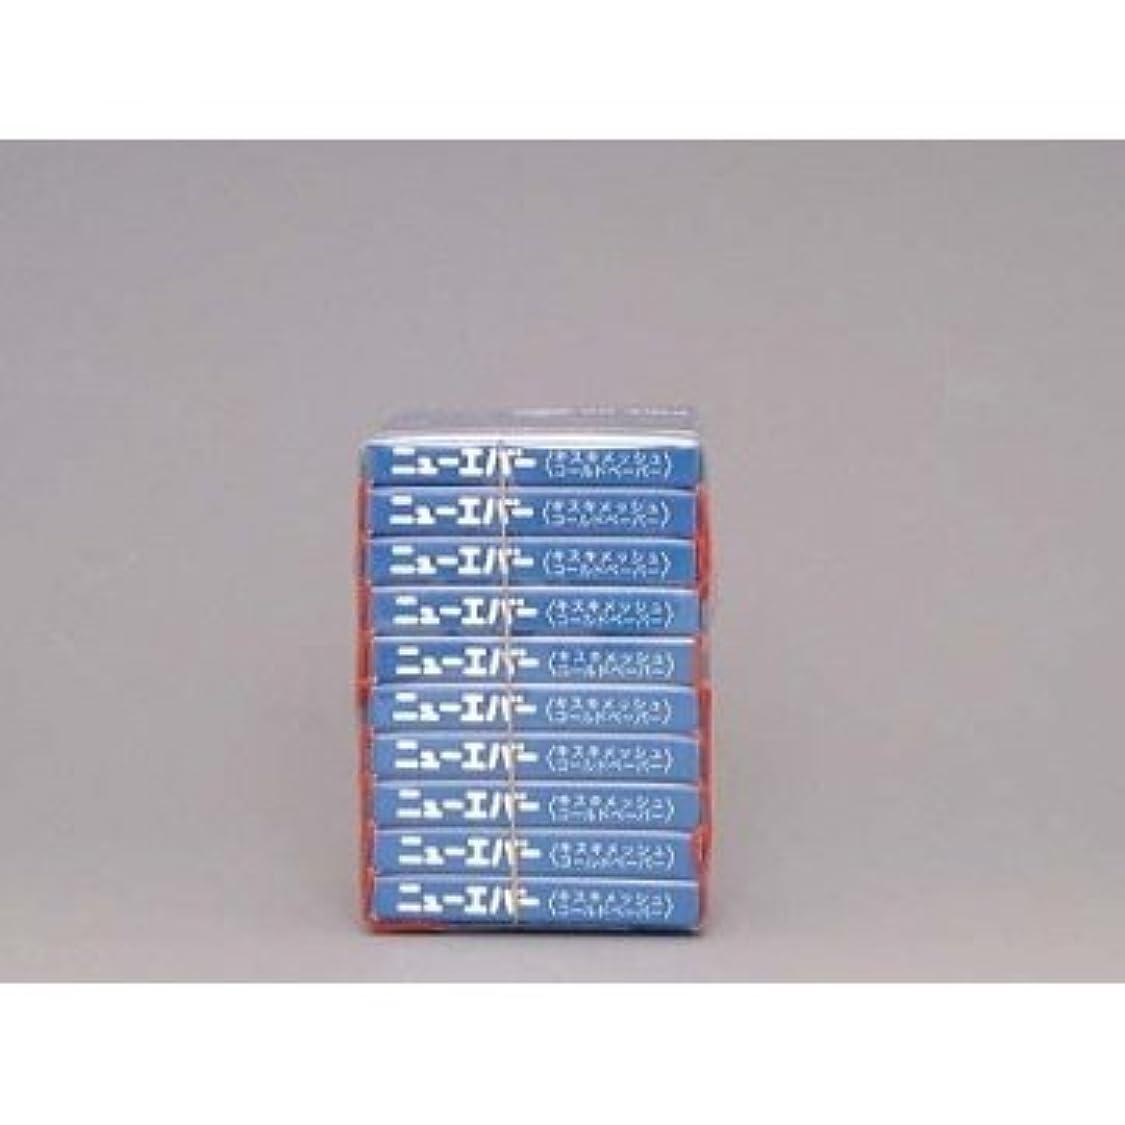 ハチ死ぬ無一文米正 ニューエバー ピックアップ ハンディタイプL キスキメッシュコールドペーパー 100枚×10ケ入 ブルー